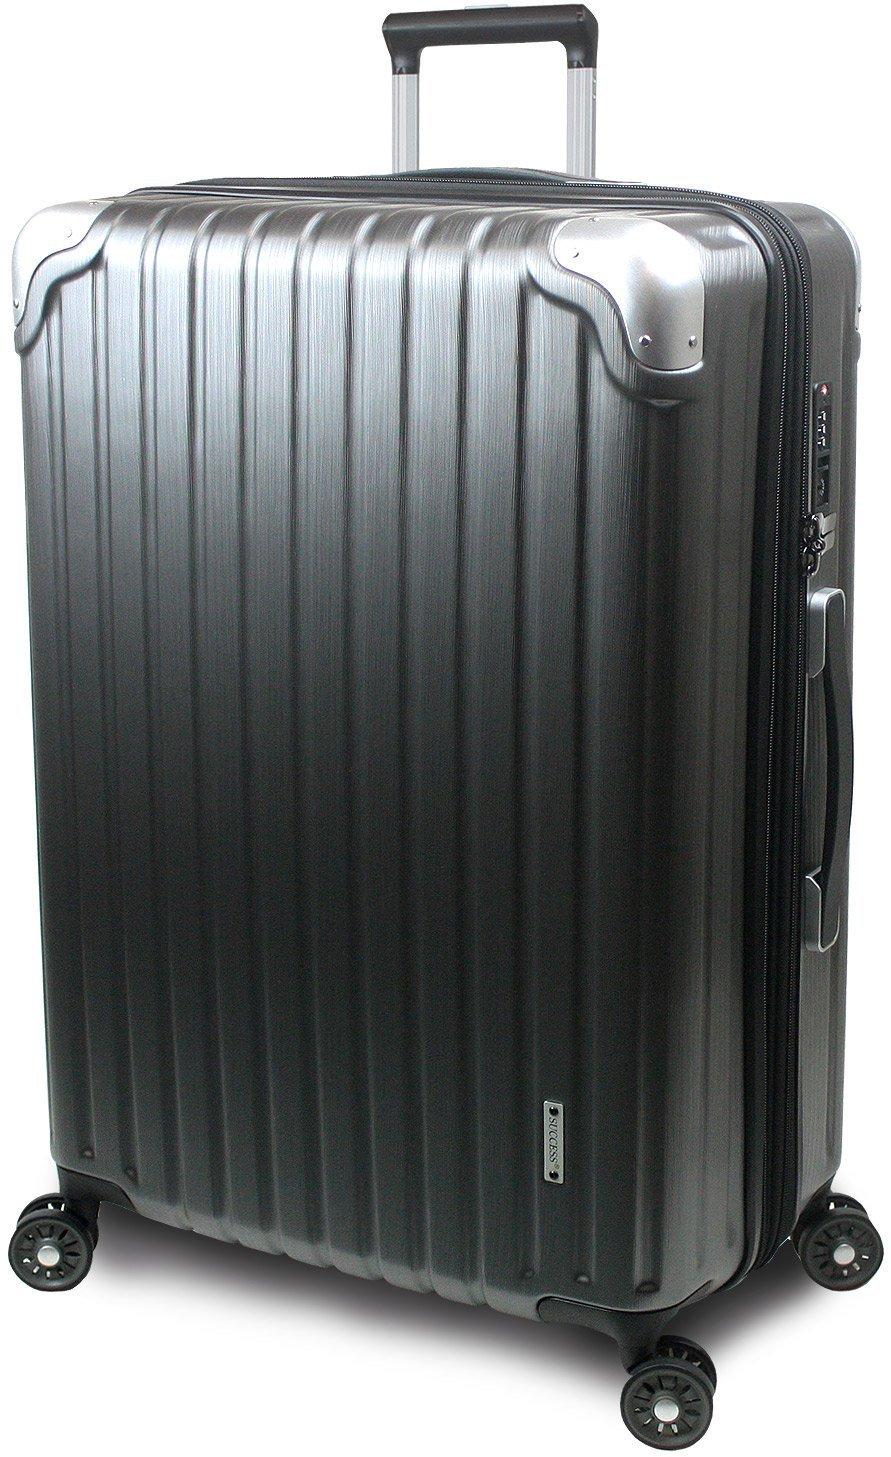 【SUCCESS サクセス】 スーツケース 3サイズ 【 大型 76cm/ジャスト型 70cm/中型 65cm 】 超軽量 TSAロック搭載 【 プロデンス コーナーパットモデル】 B01ELOM27E 中型 Mサイズ 65cm|ガンメタリックヘアライン ガンメタリックヘアライン 中型 Mサイズ 65cm